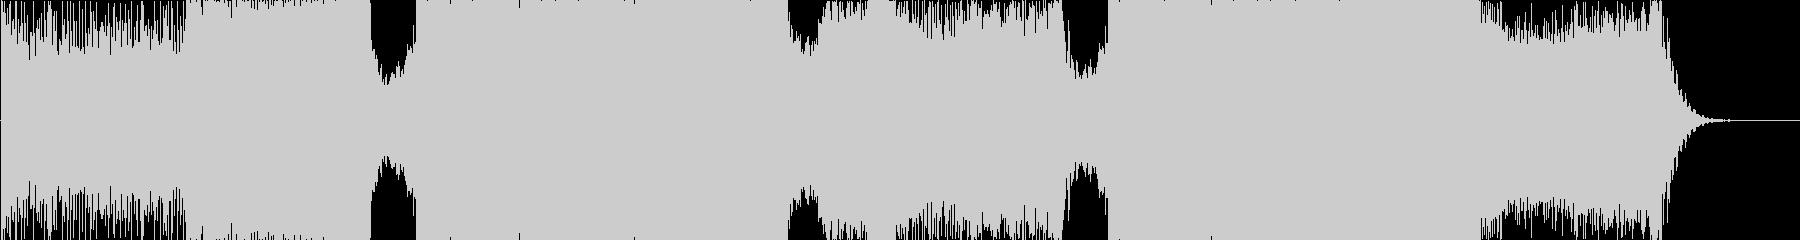 エレクト音頭 / EDM・エレクトロの未再生の波形